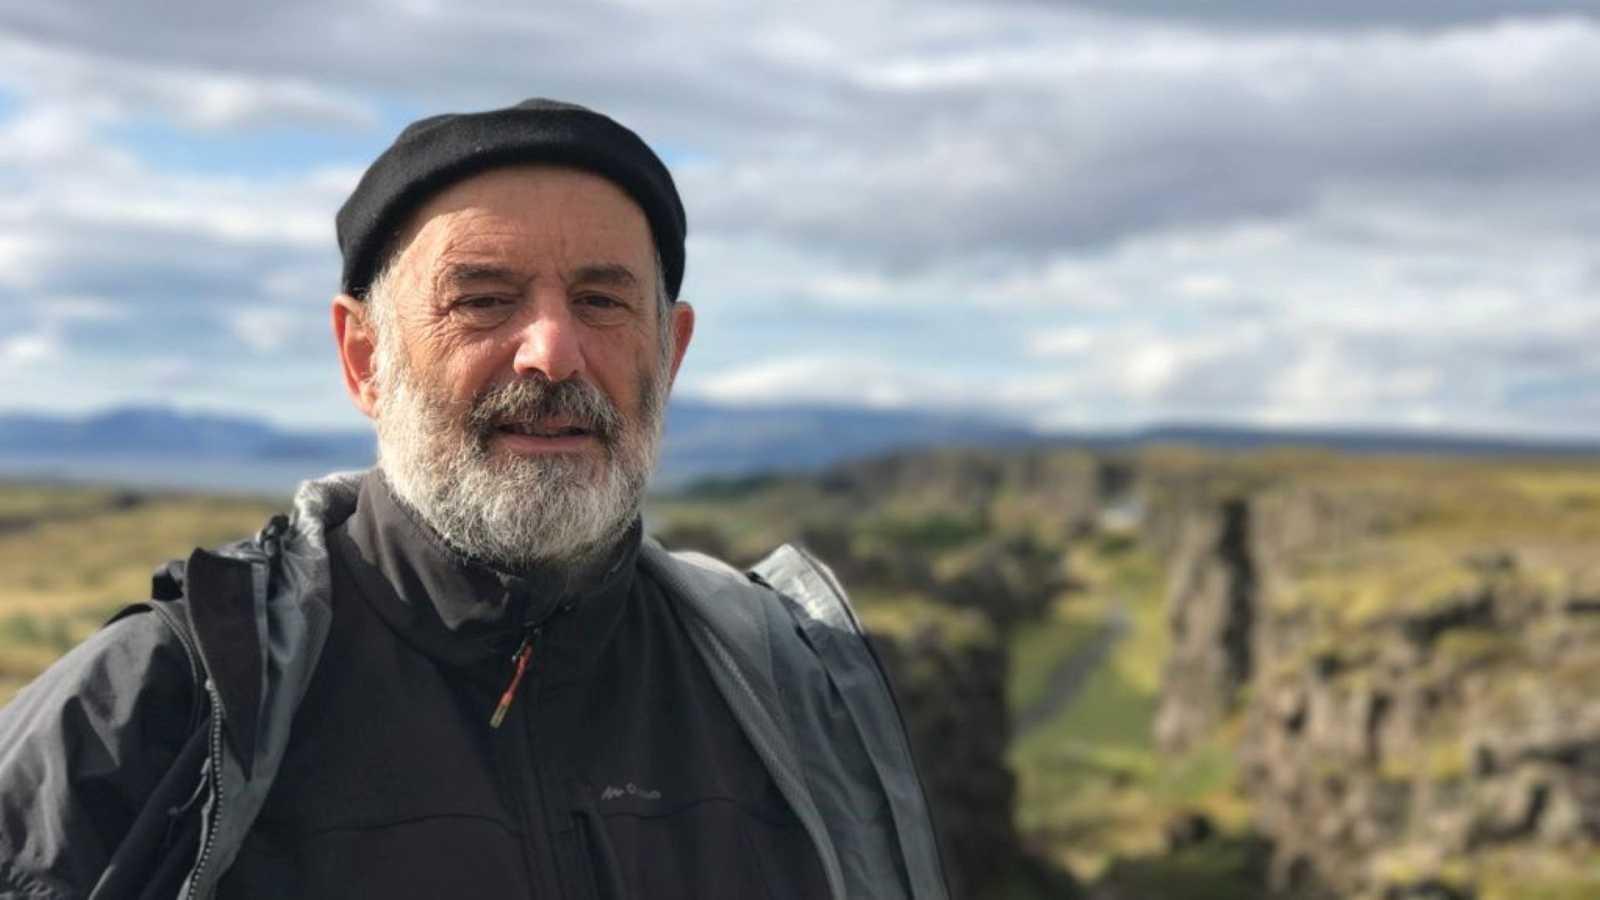 El bosque habitado - El filósofo de las atmósferas: Carlos de Hita - 20/06/21 - escuchar ahora